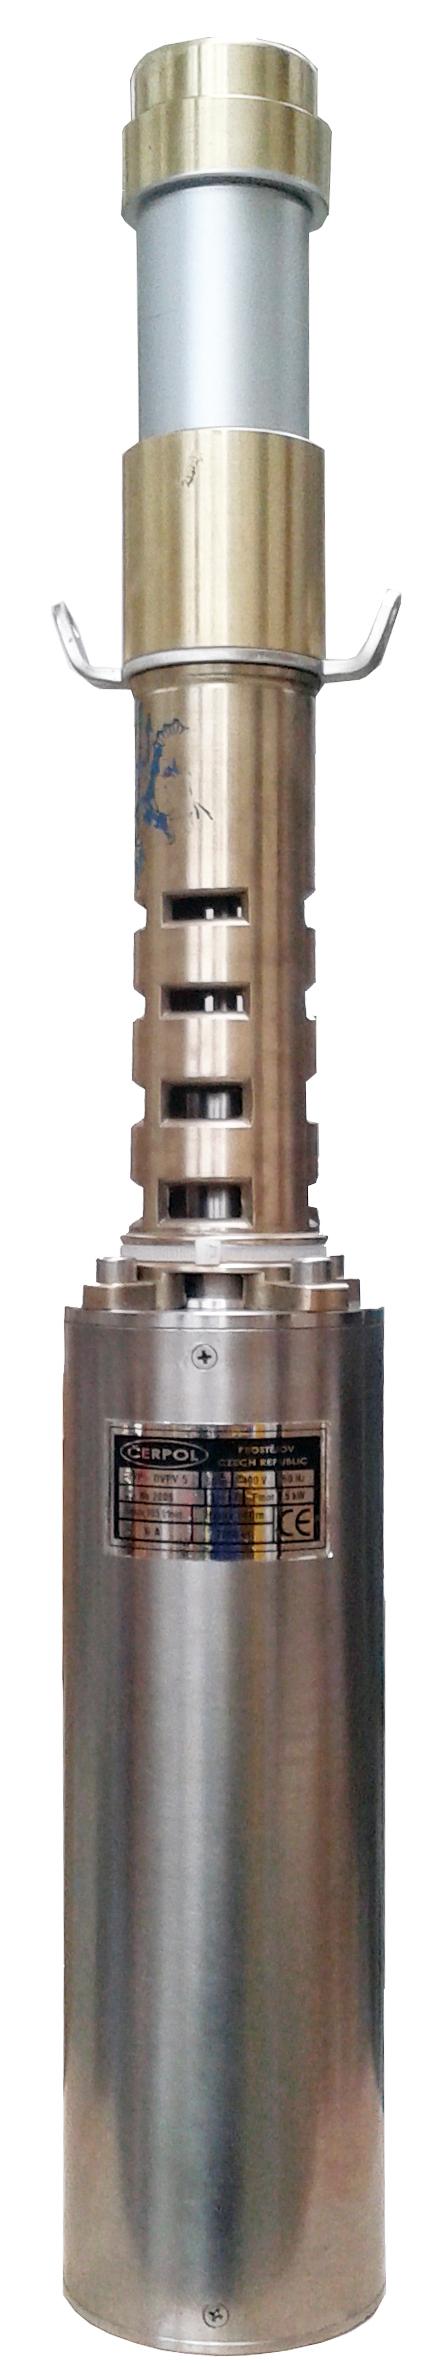 ČERPOL Olczak Čerpol OVP-V5 (400V) vřetenové čerpadlo ø 110mm - 20m kabel